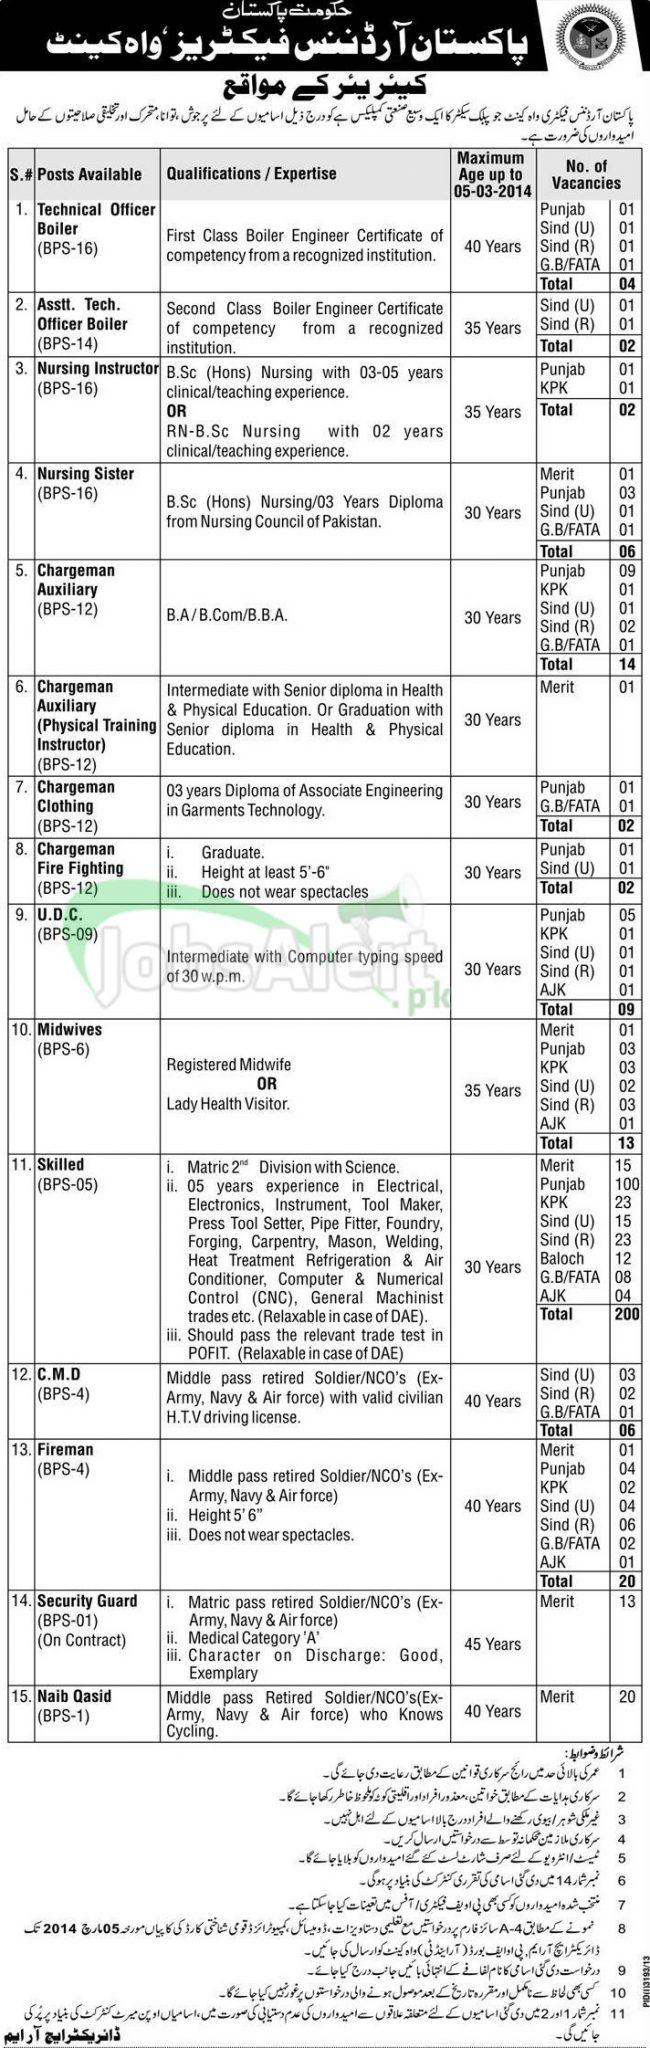 Jobs 2014 in Pakistan Ordinance Factors Wah Cantt Govt of Pakistan